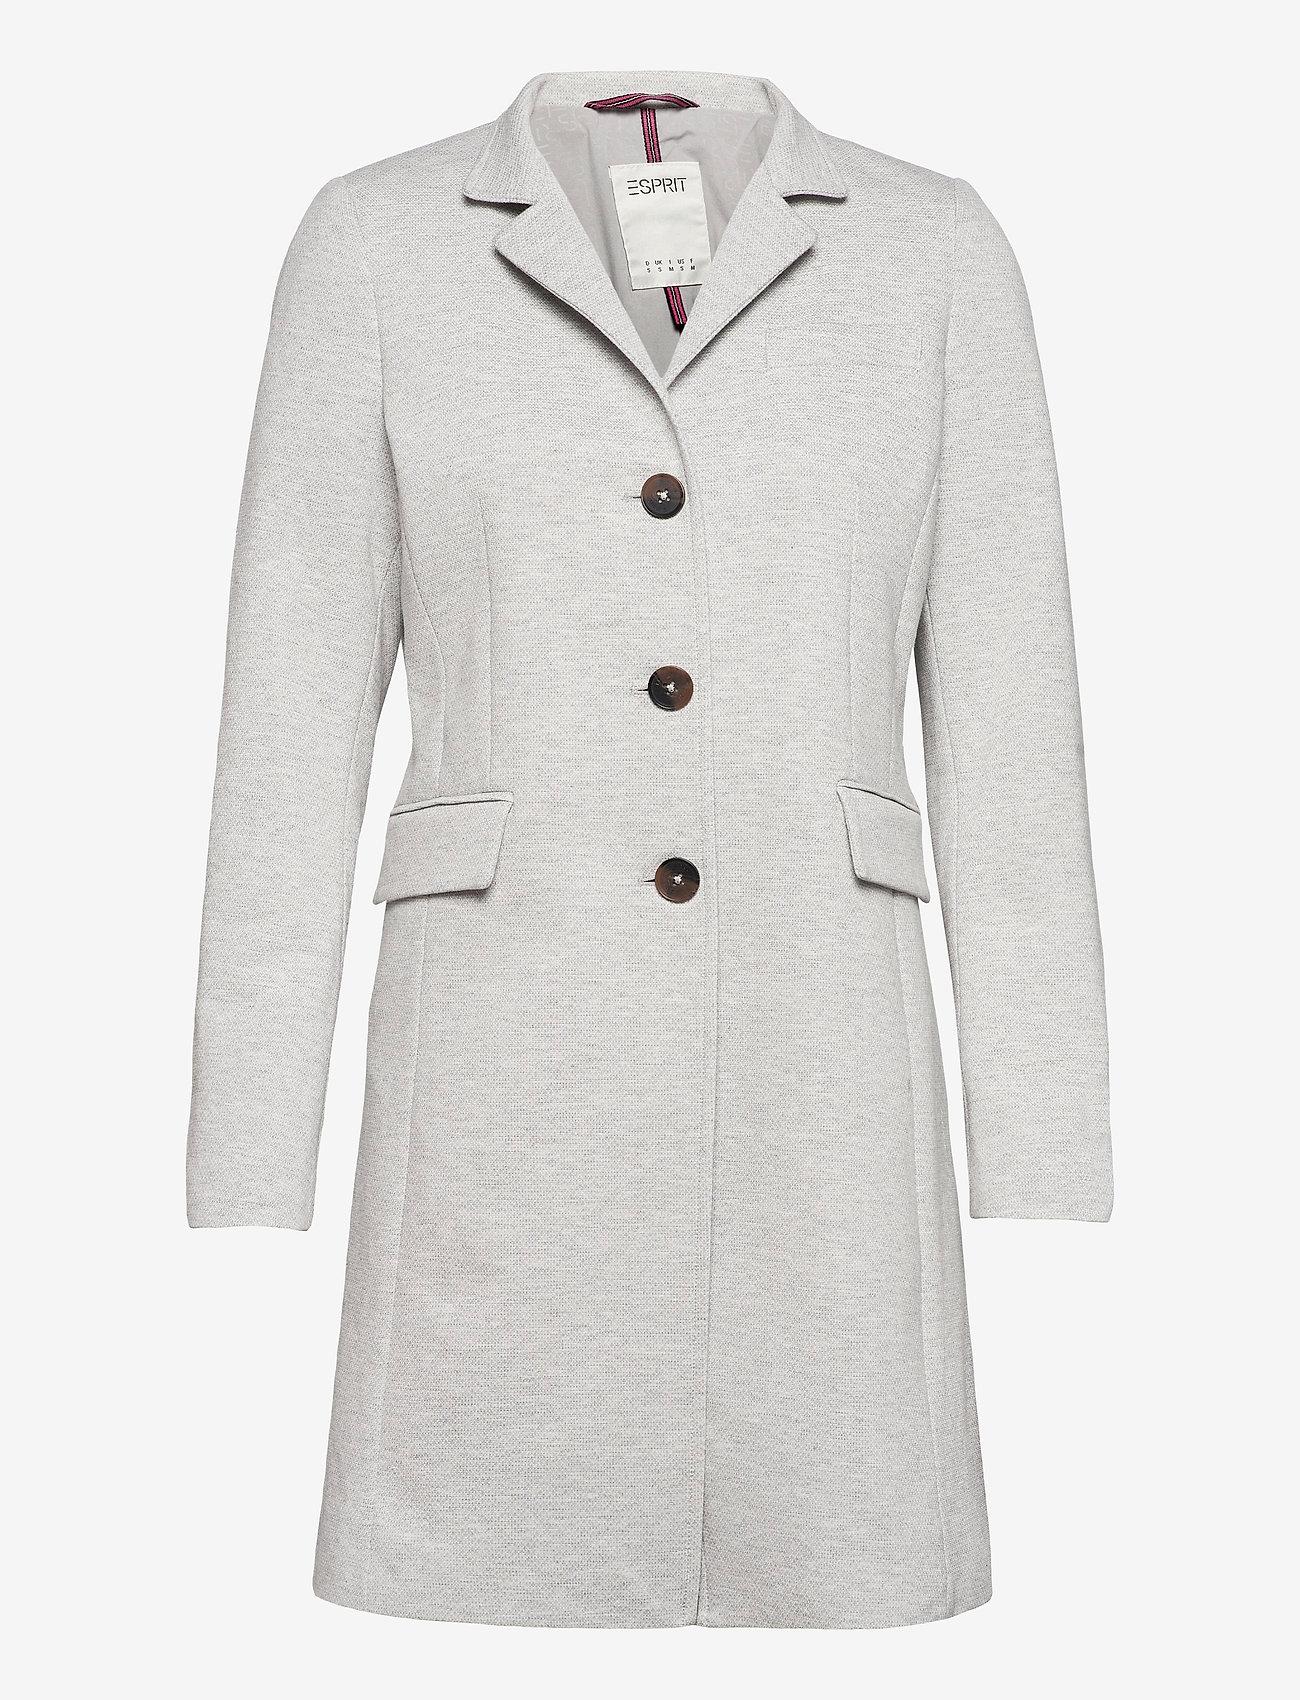 Esprit Casual - Coats woven - manteaux legères - light grey 5 - 0